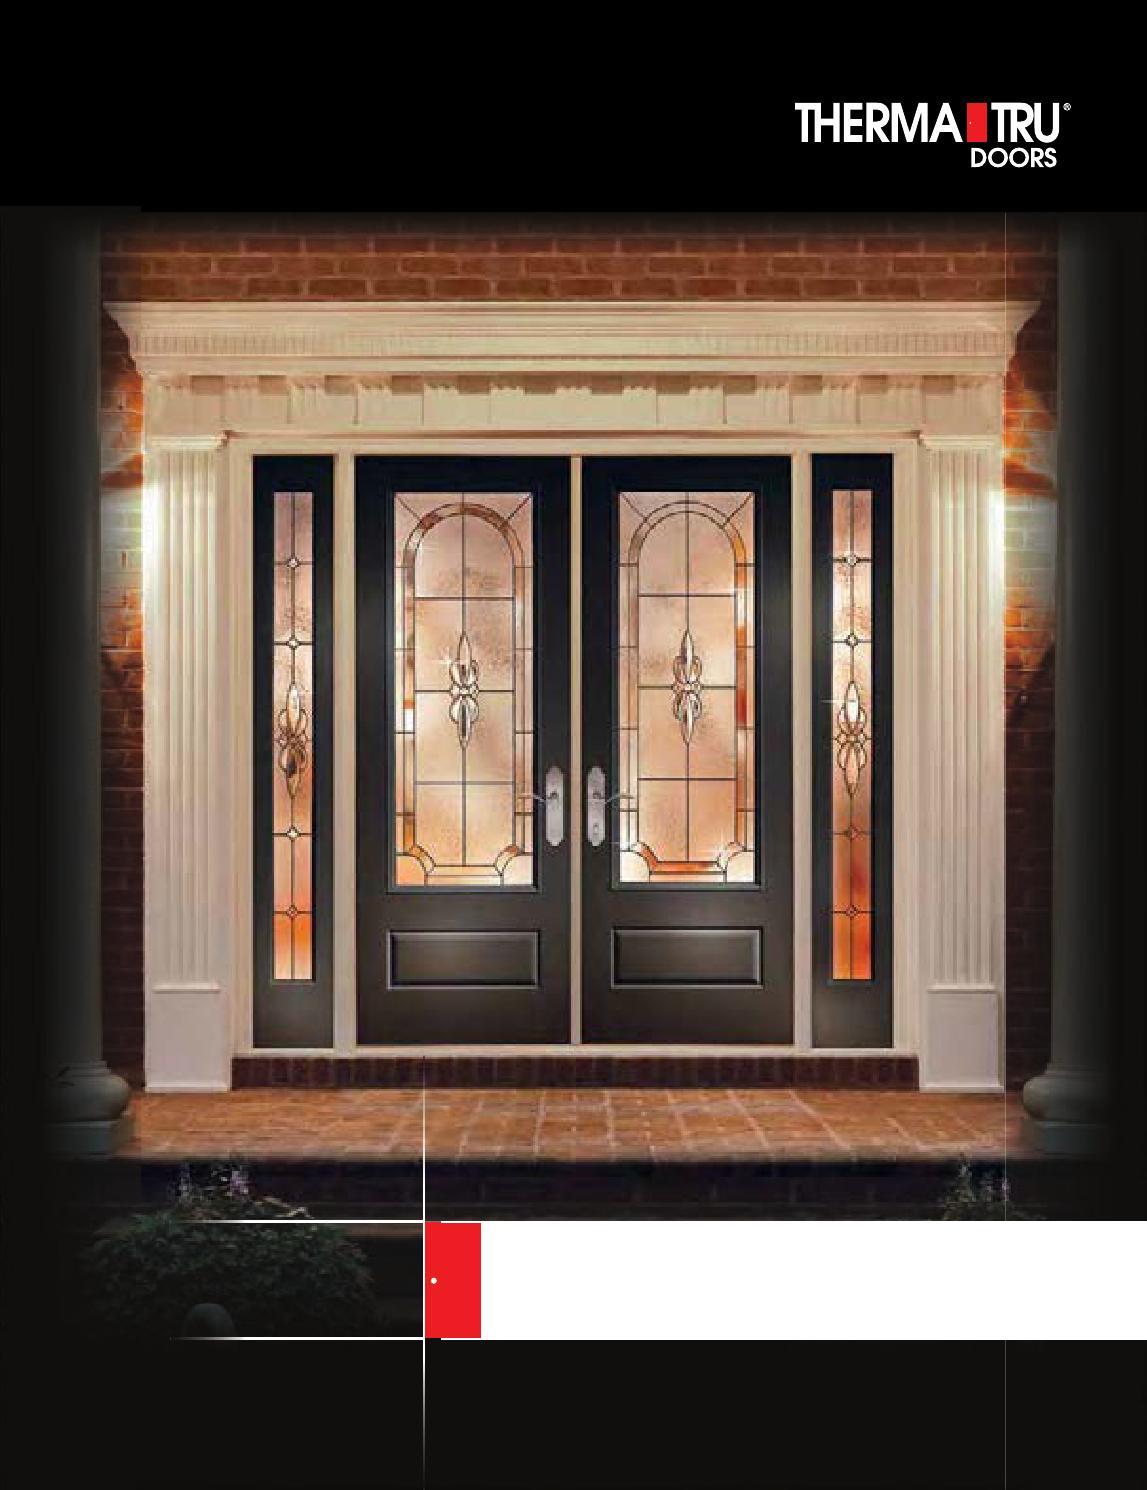 Therma Tru Entry Doors By Meek S Lumber Amp Hardware Issuu